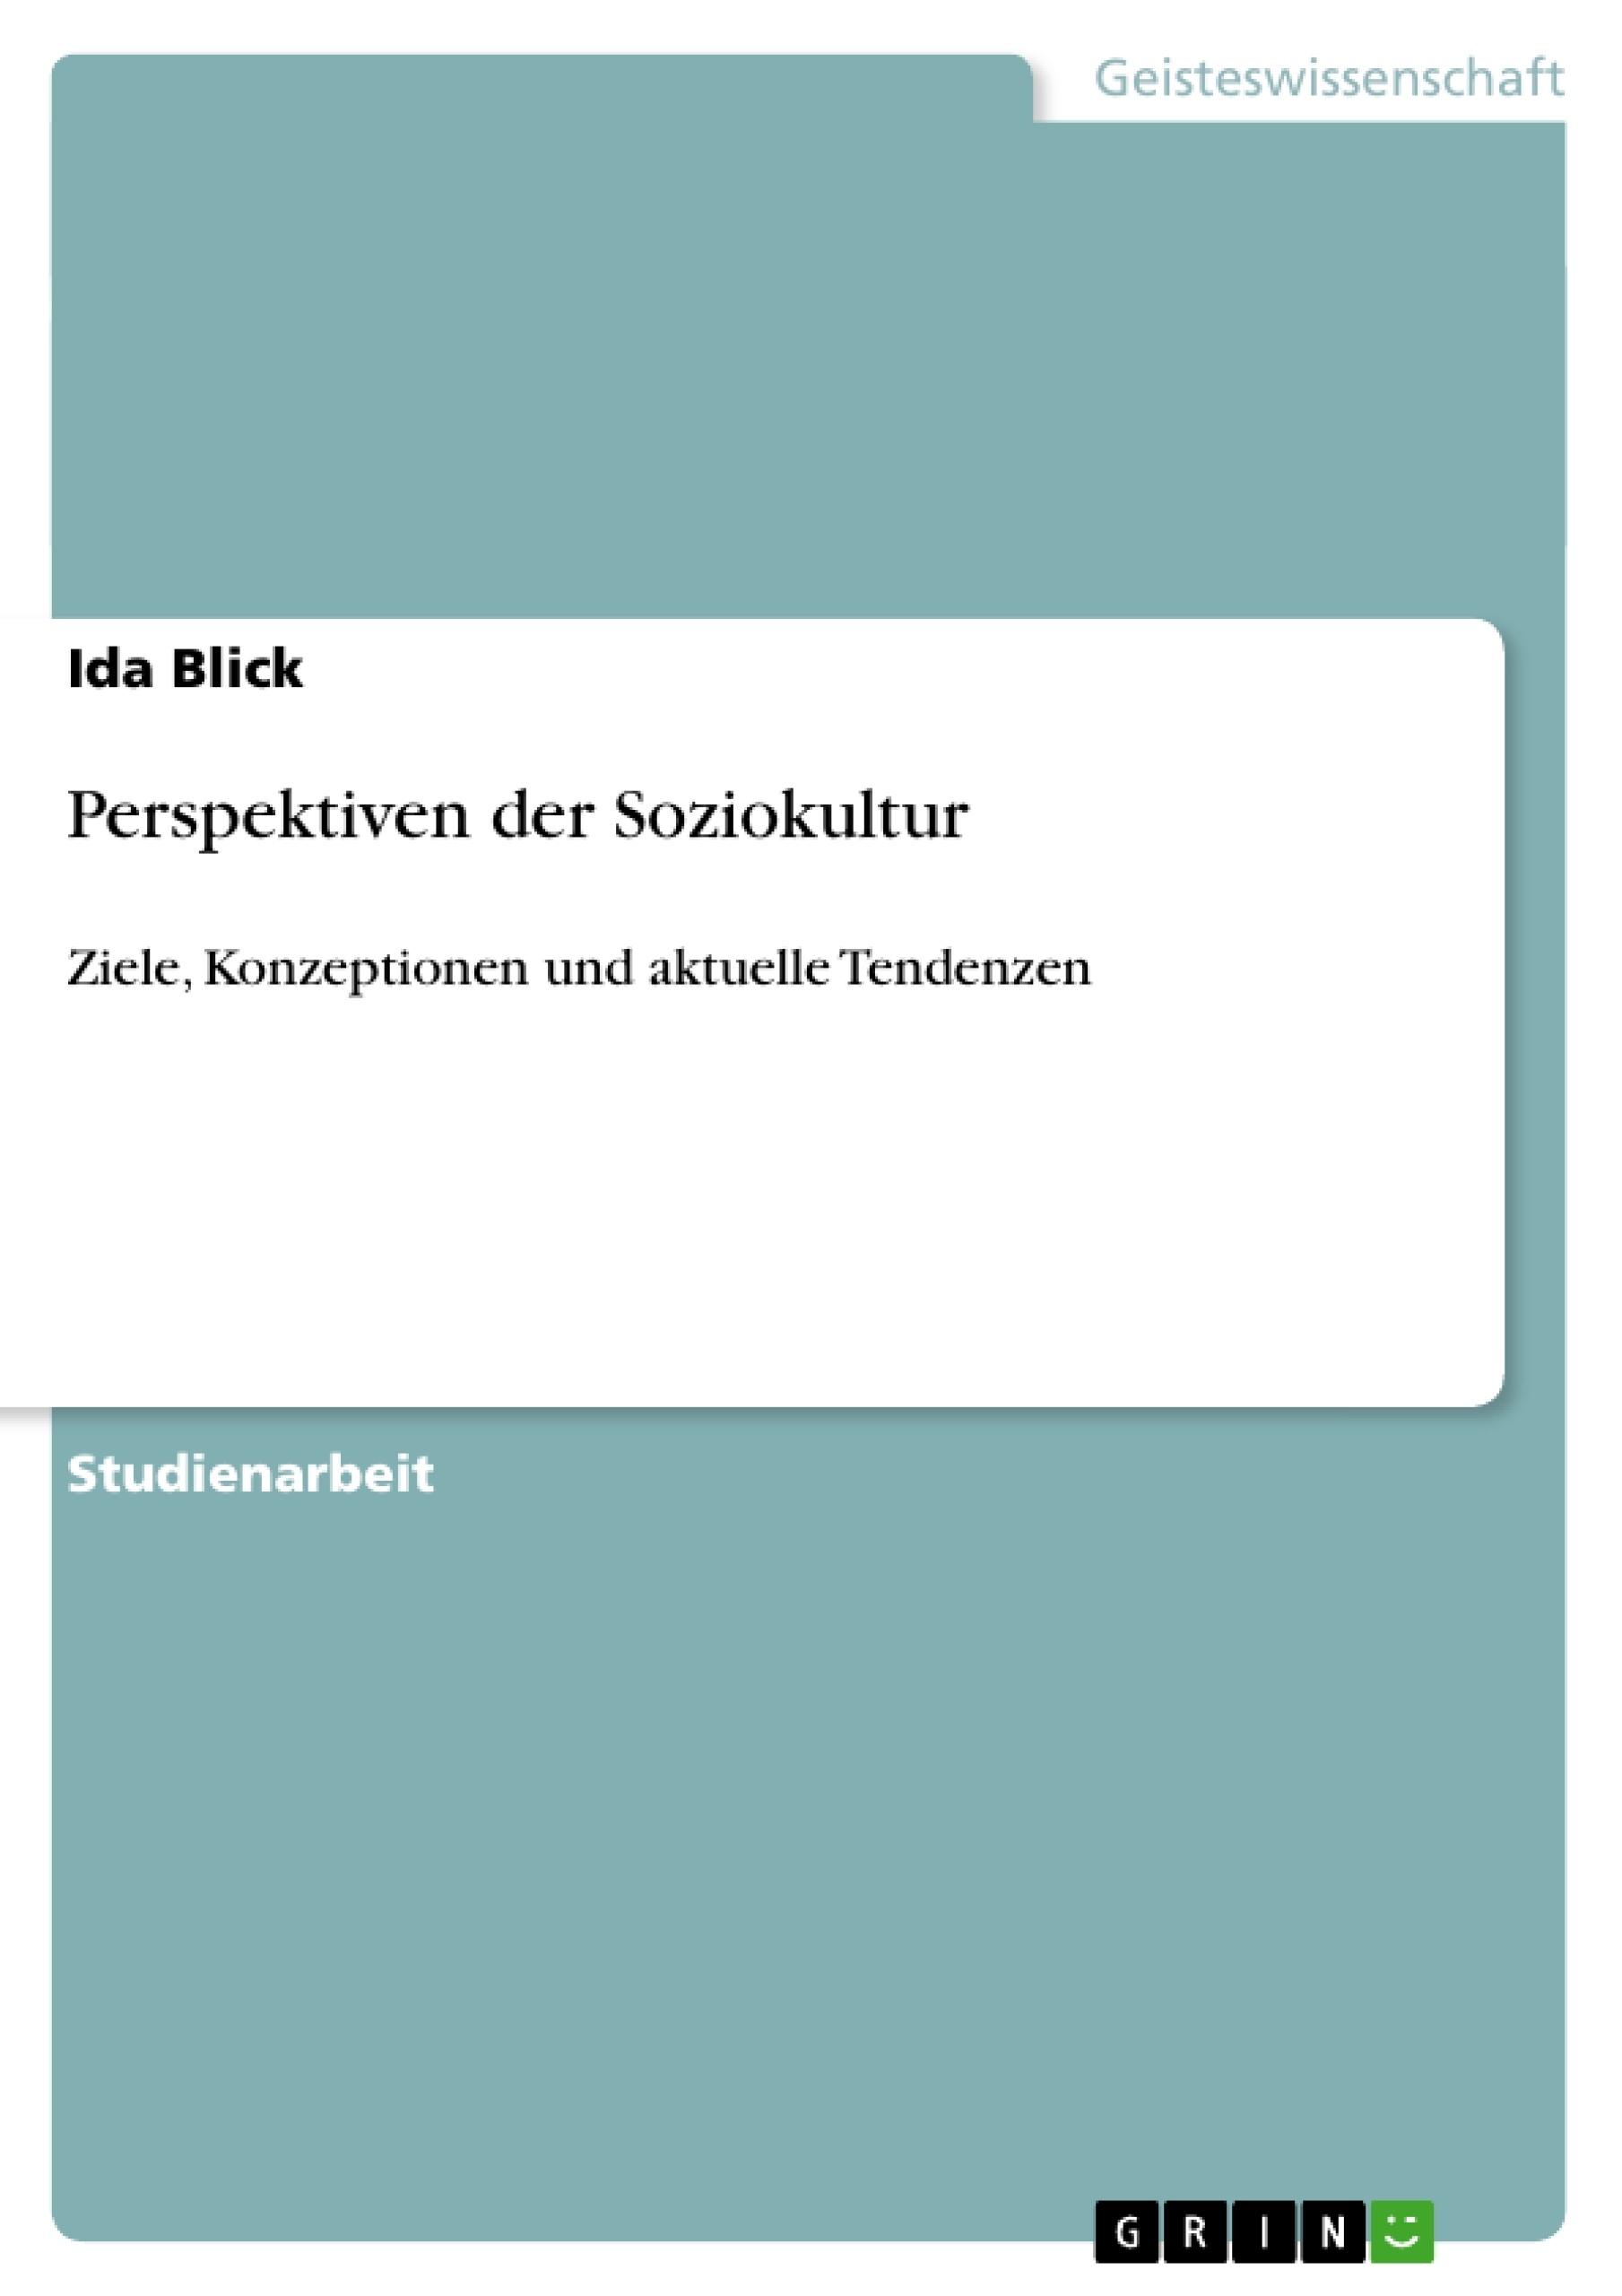 Titel: Perspektiven der Soziokultur